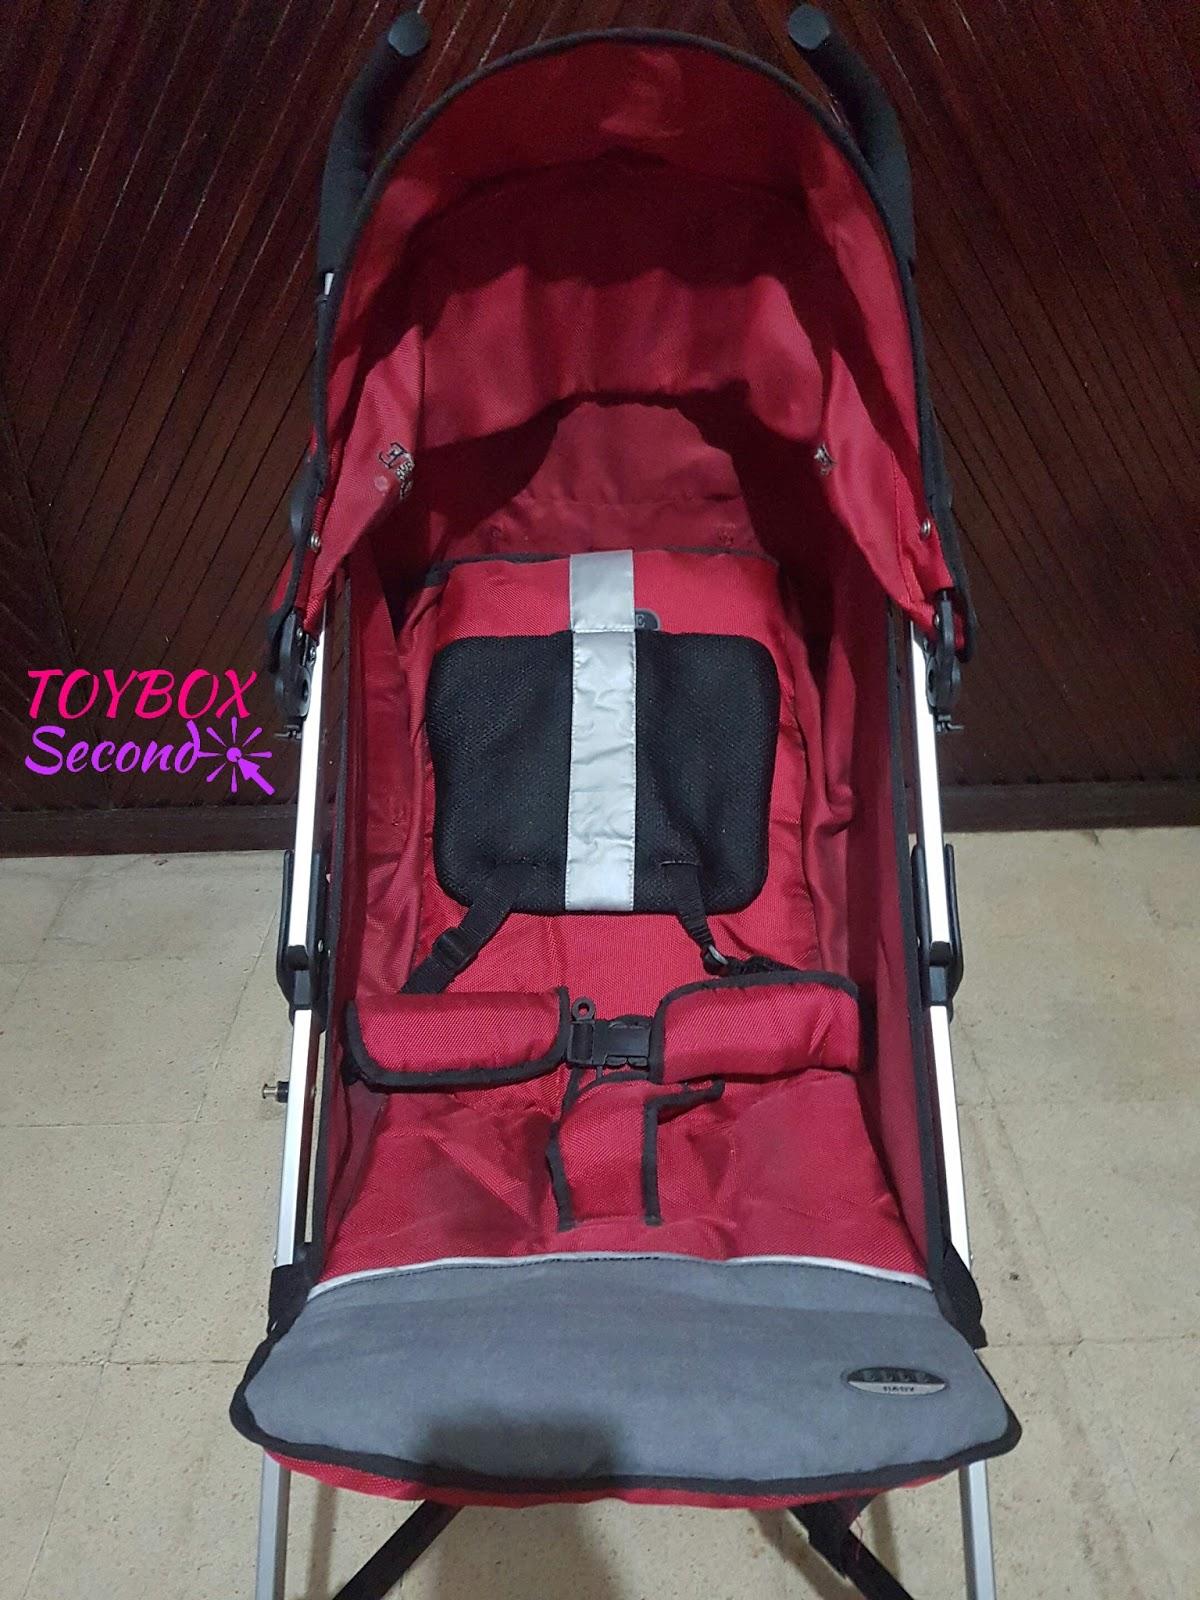 Jual-Beli Mainan & Perlengkapan Bayi Bekas Samarinda ...